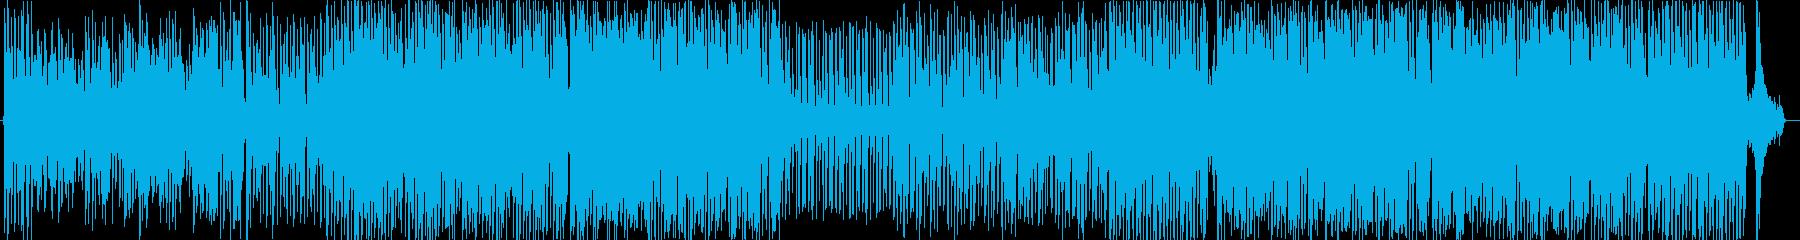 わんぱくな子供や動物をイメージした曲の再生済みの波形